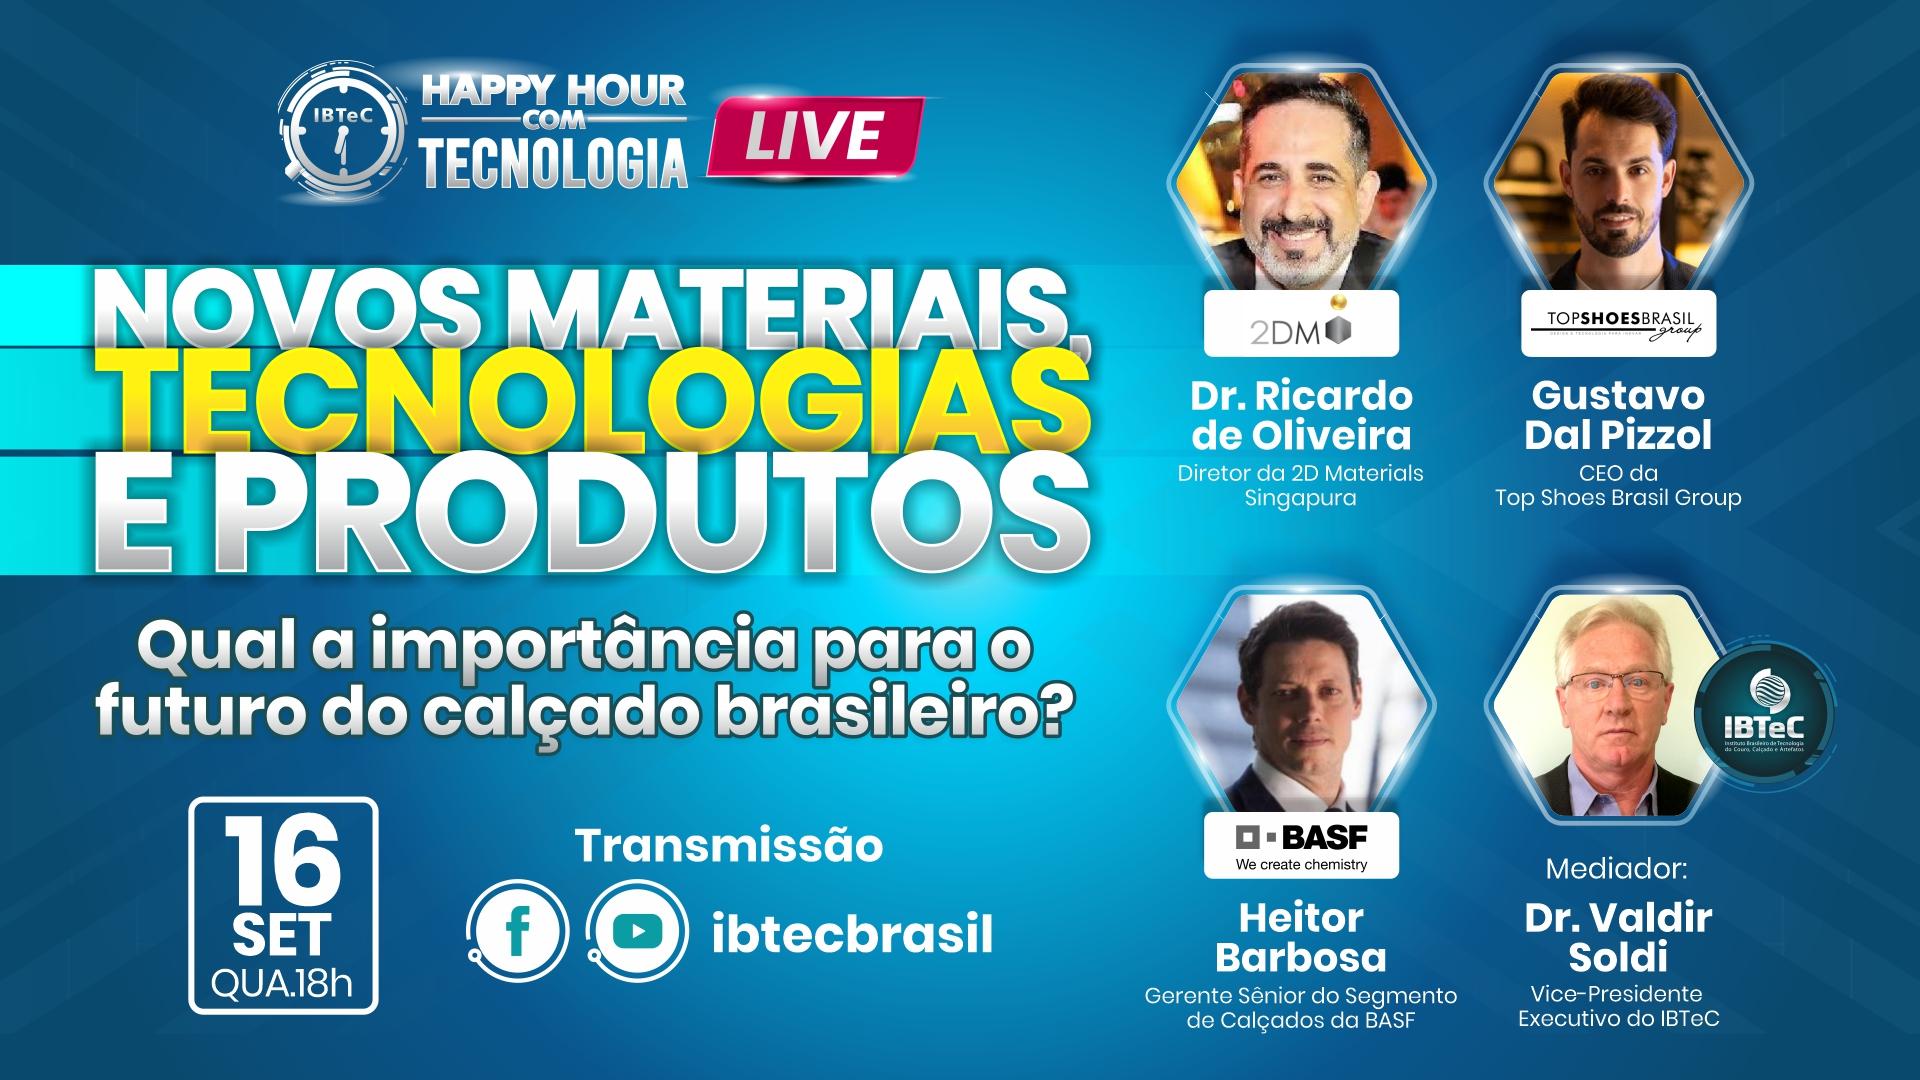 Novos materiais, tecnologias e produtos Para o setor de calçados será tema do Happy Hour Com tecnologia do IBTeC, dia 16/09